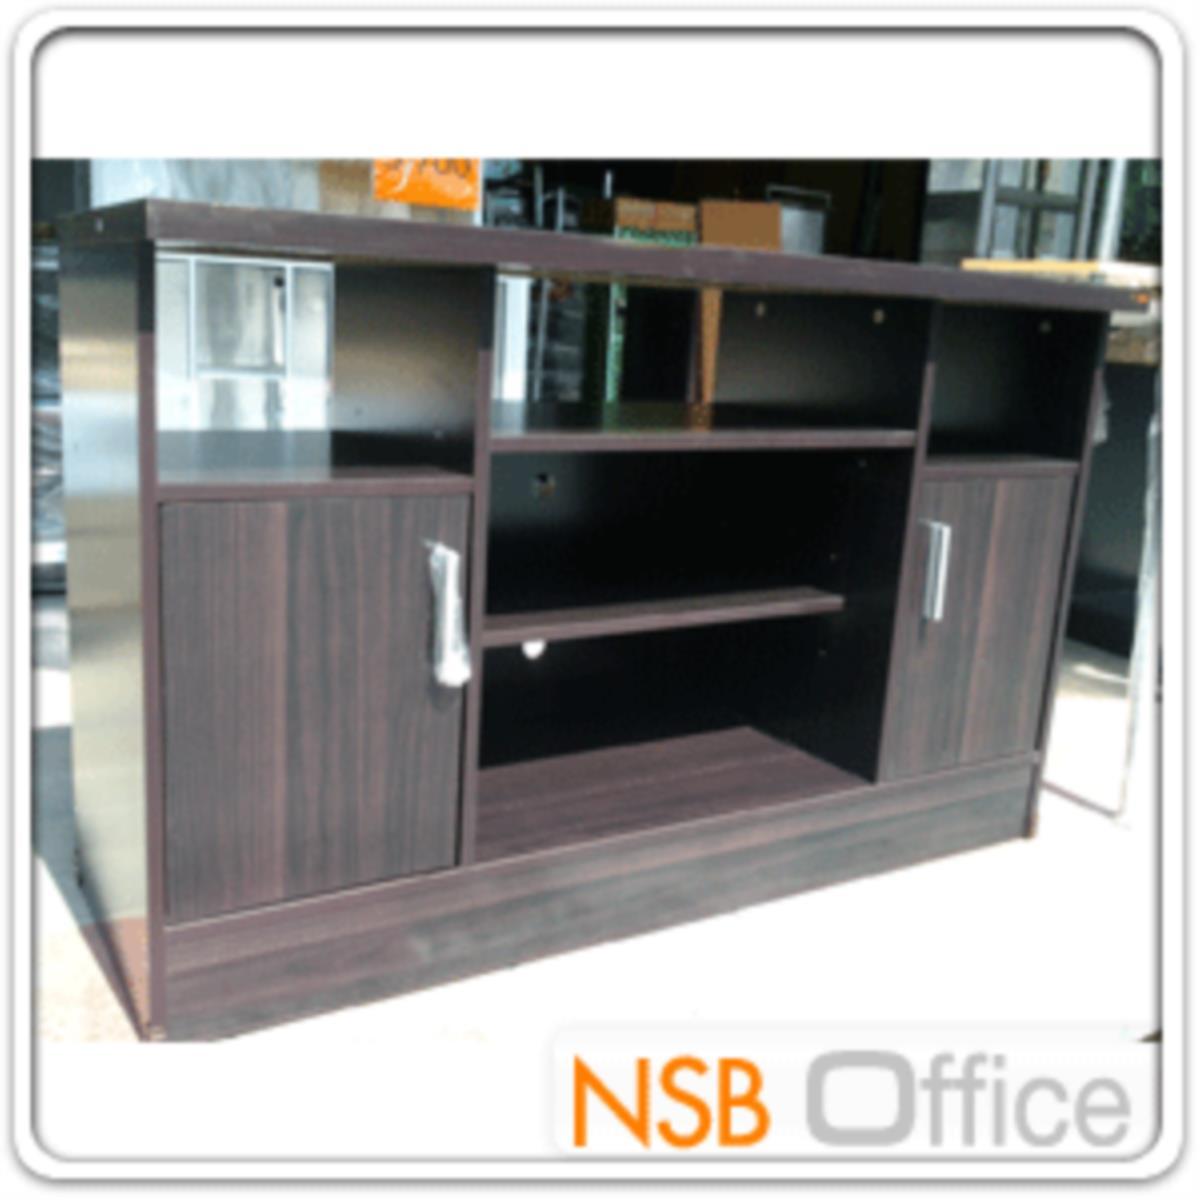 ตู้วางทีวีไม้  รุ่น NSB-8015  ขนาด 120W*76H cm.